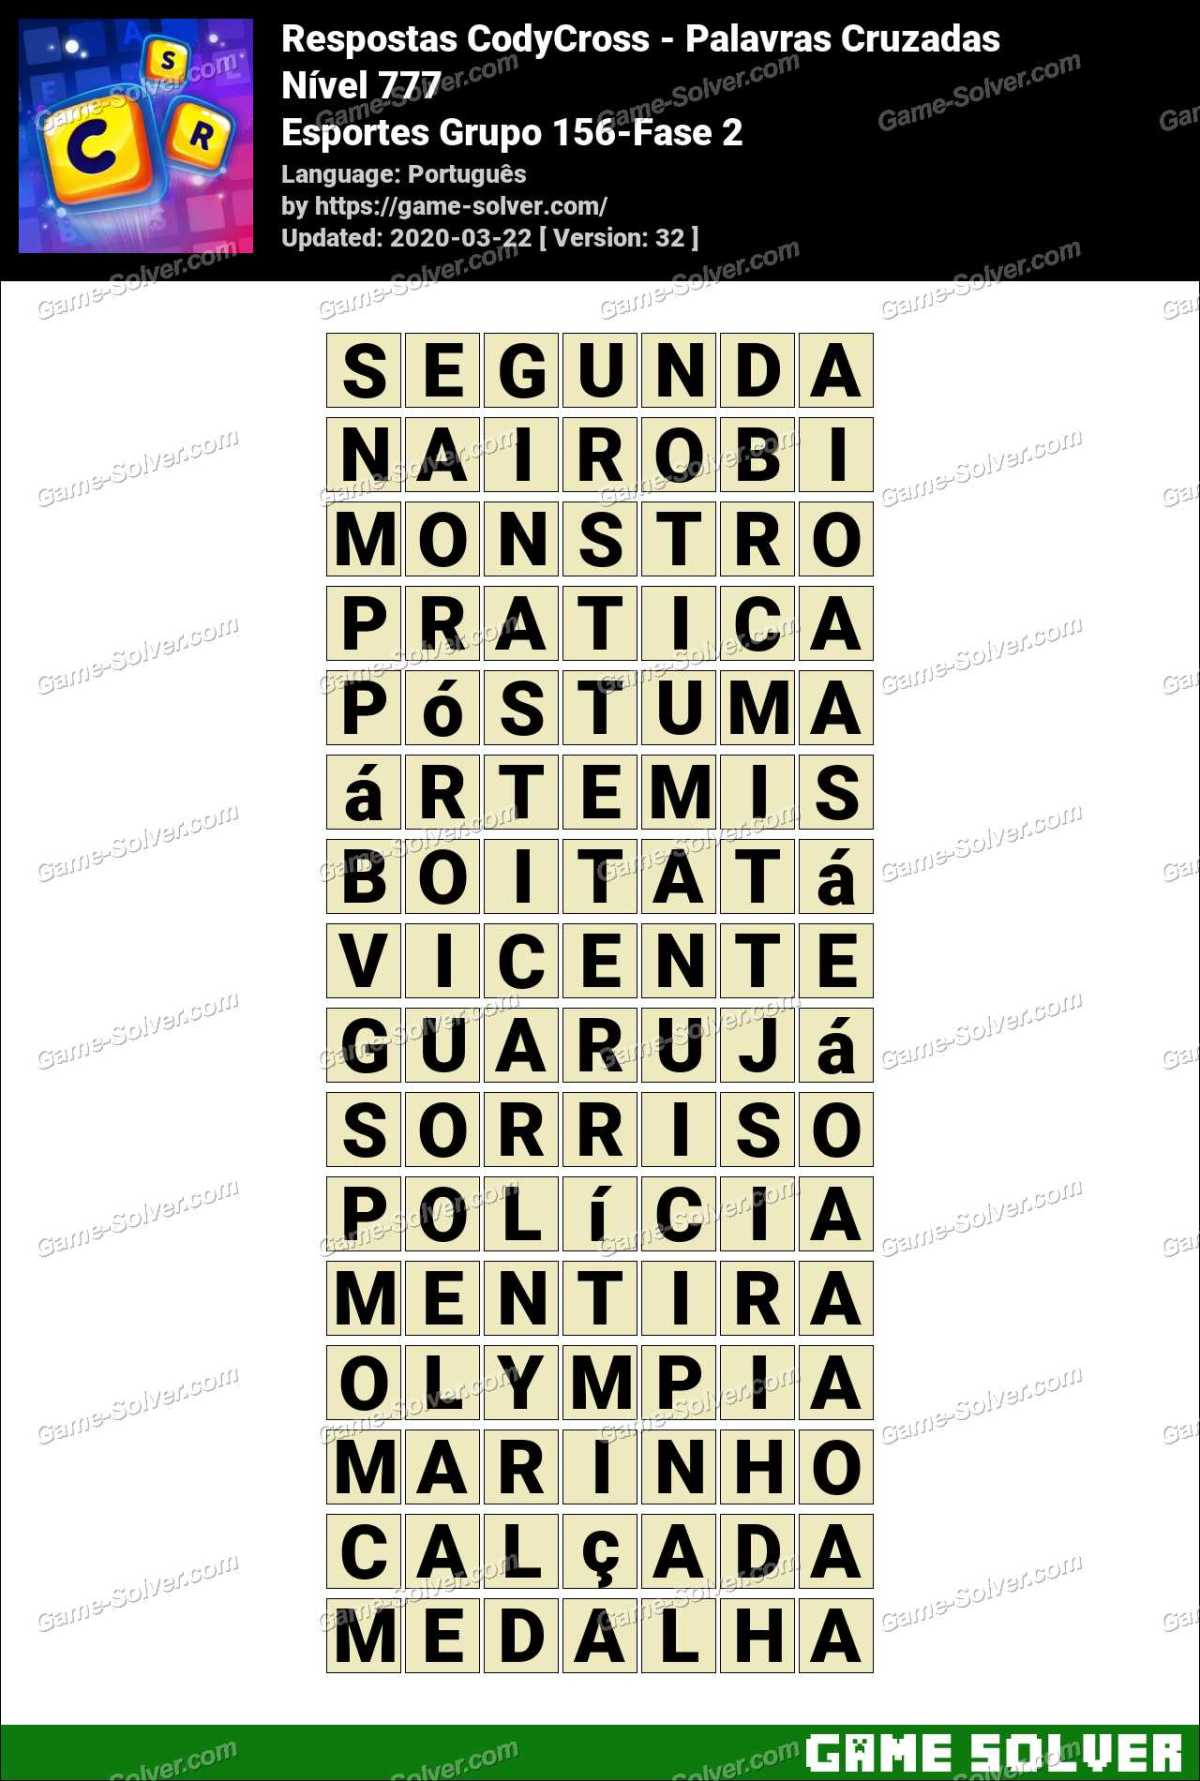 Respostas CodyCross Esportes Grupo 156-Fase 2